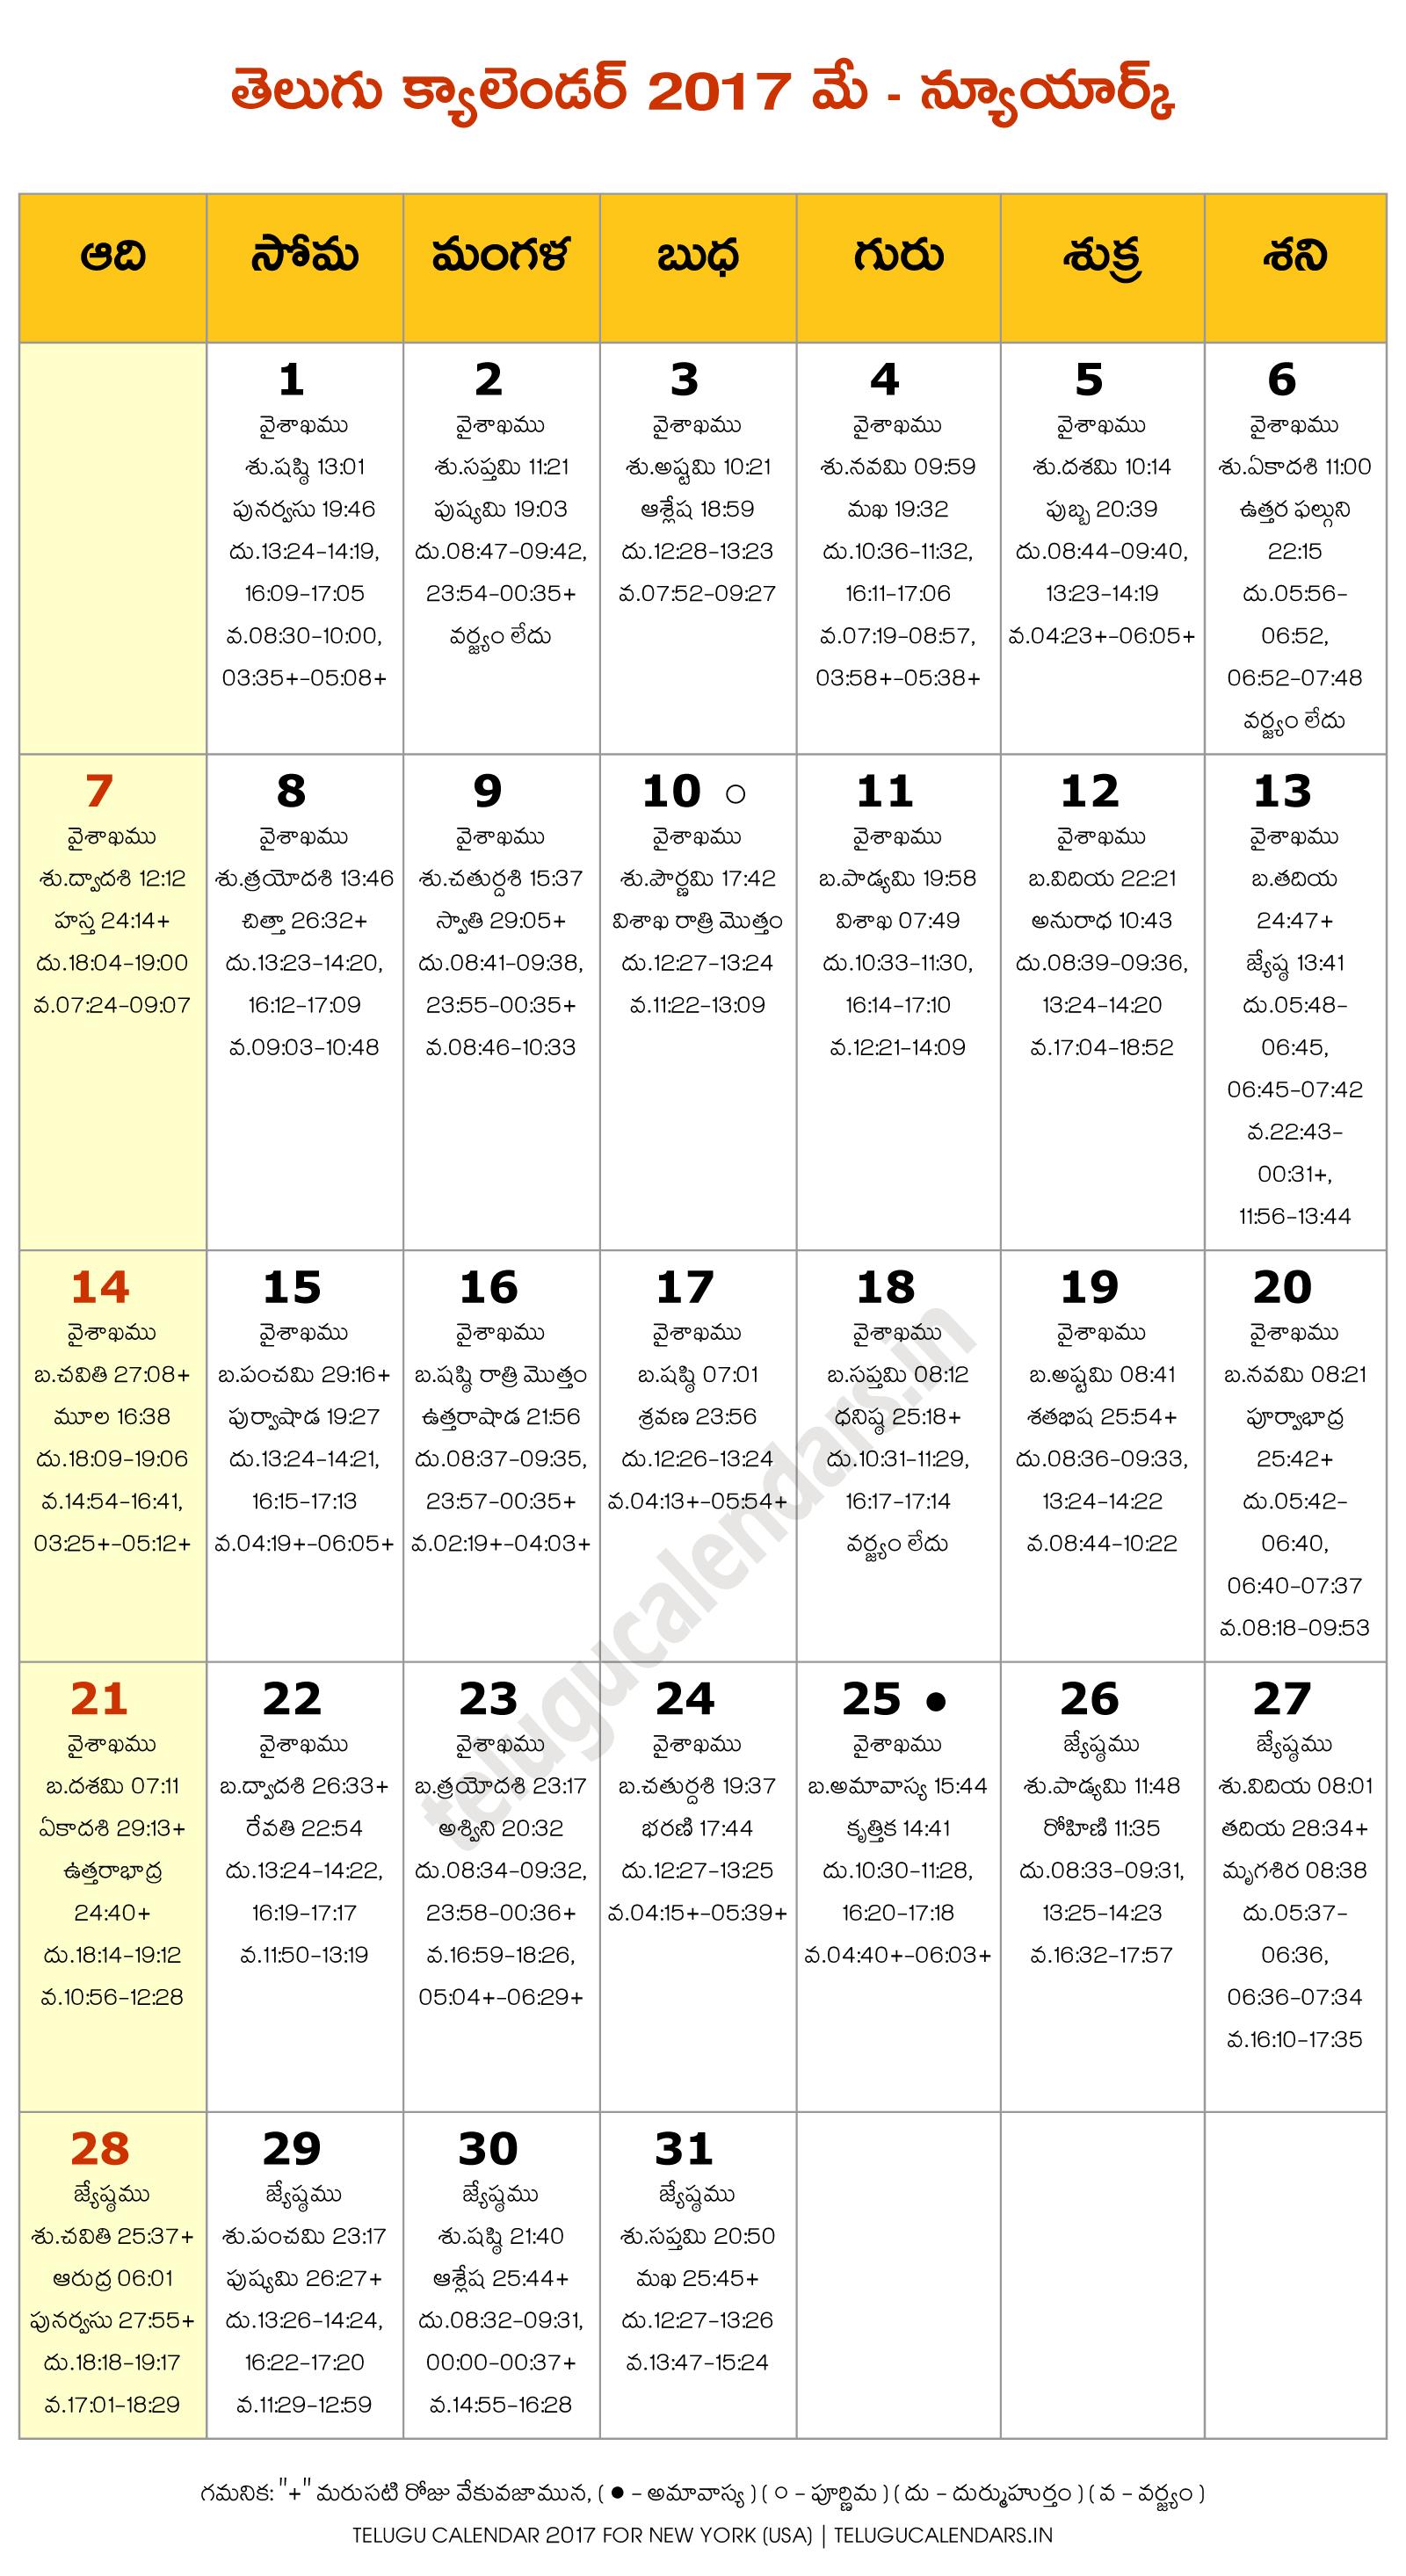 May Calendar New York : New york may telugu calendar calendars